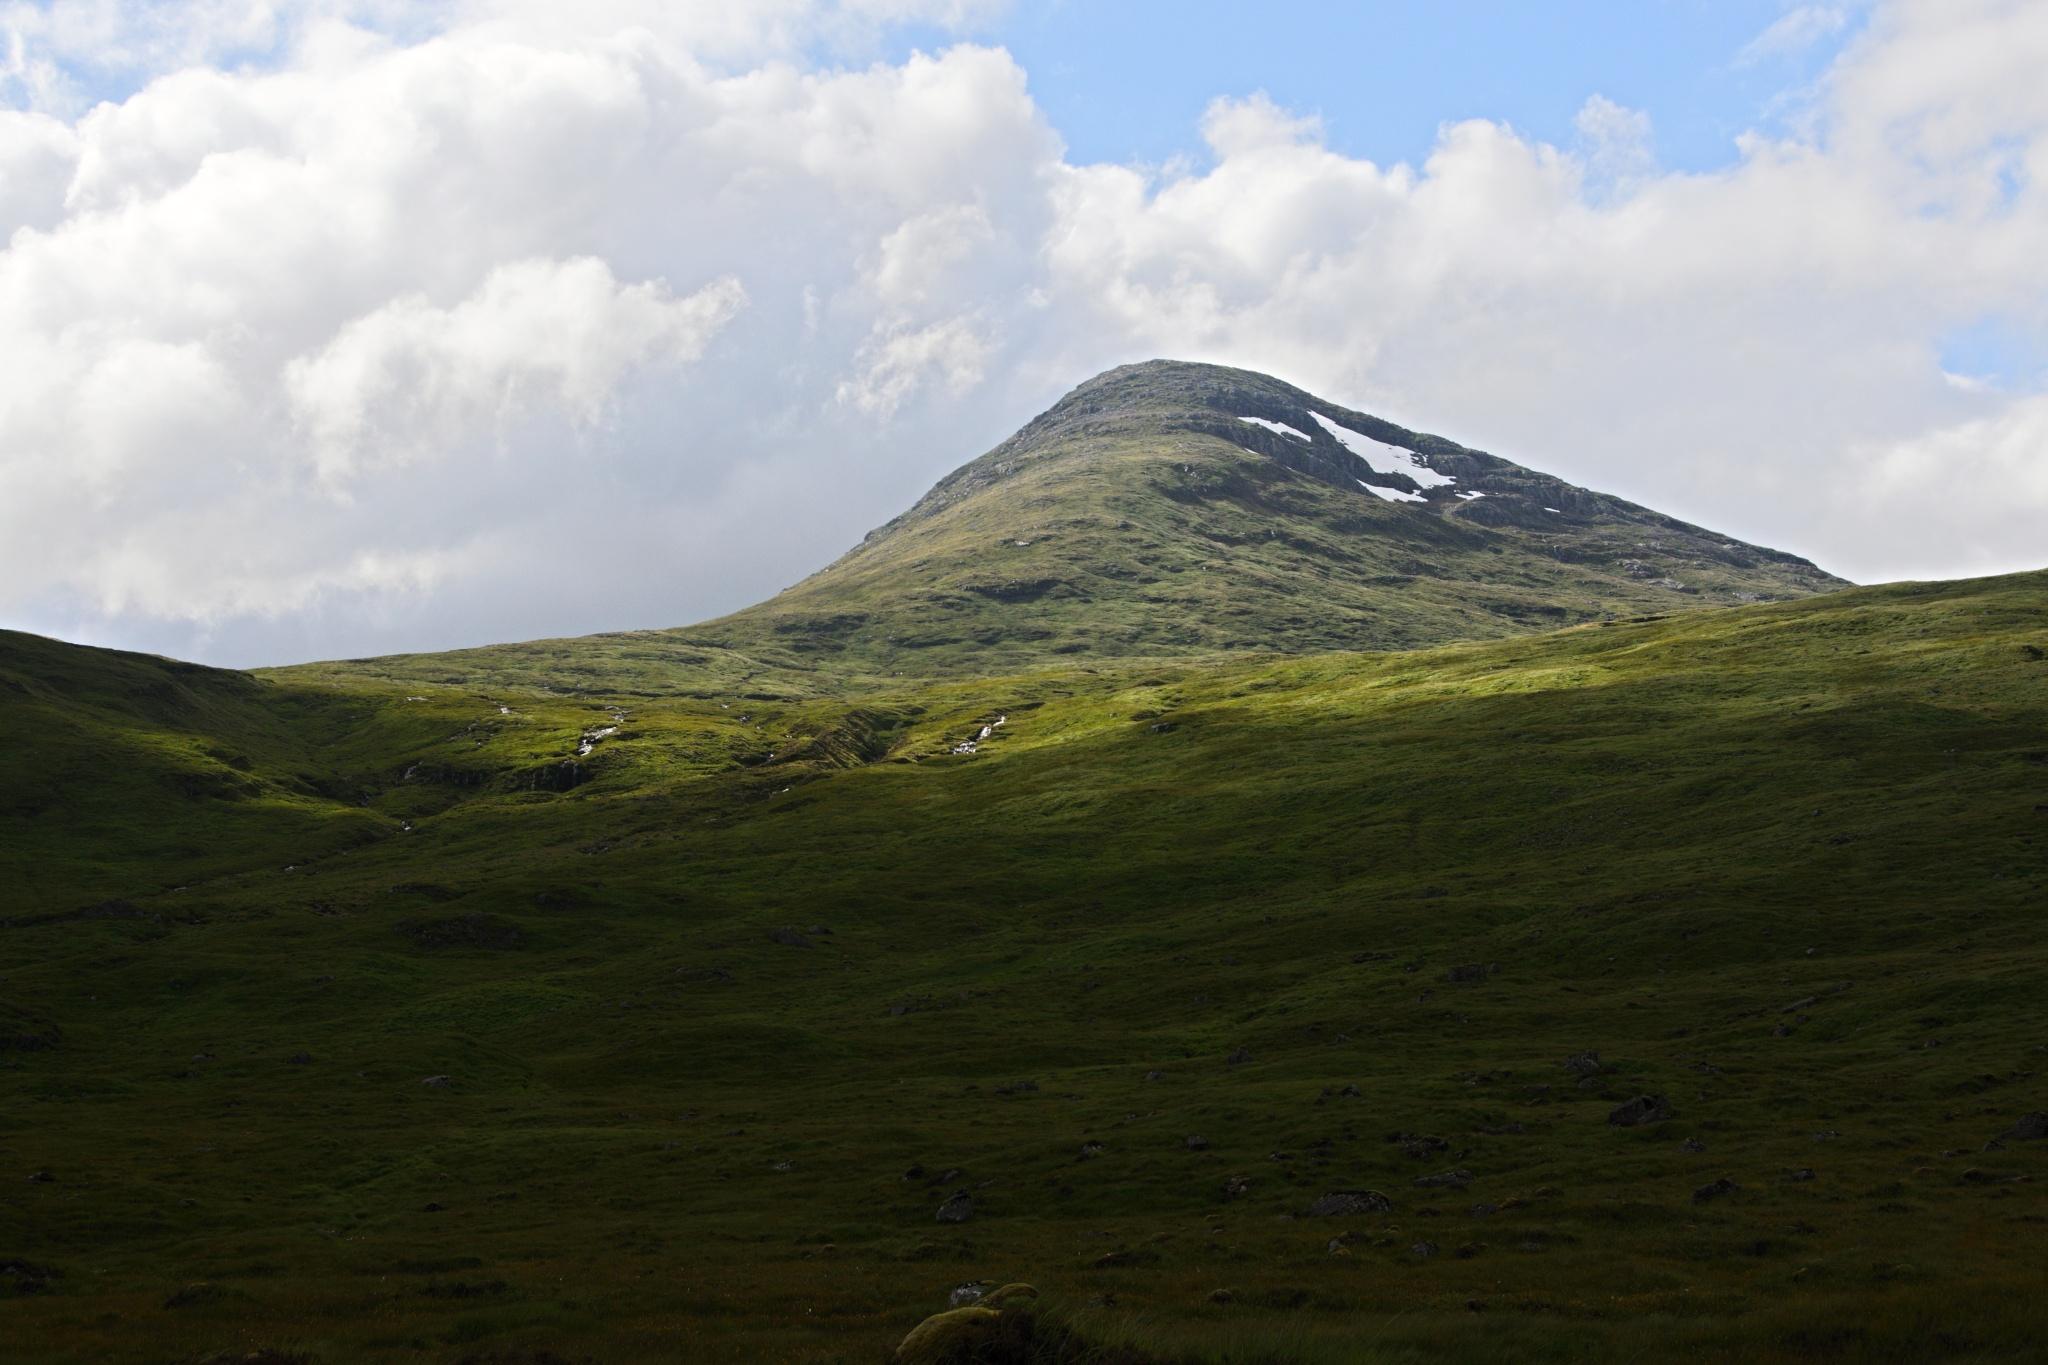 Sněhem pokrytý kopec Mealh a' Bhuidirh